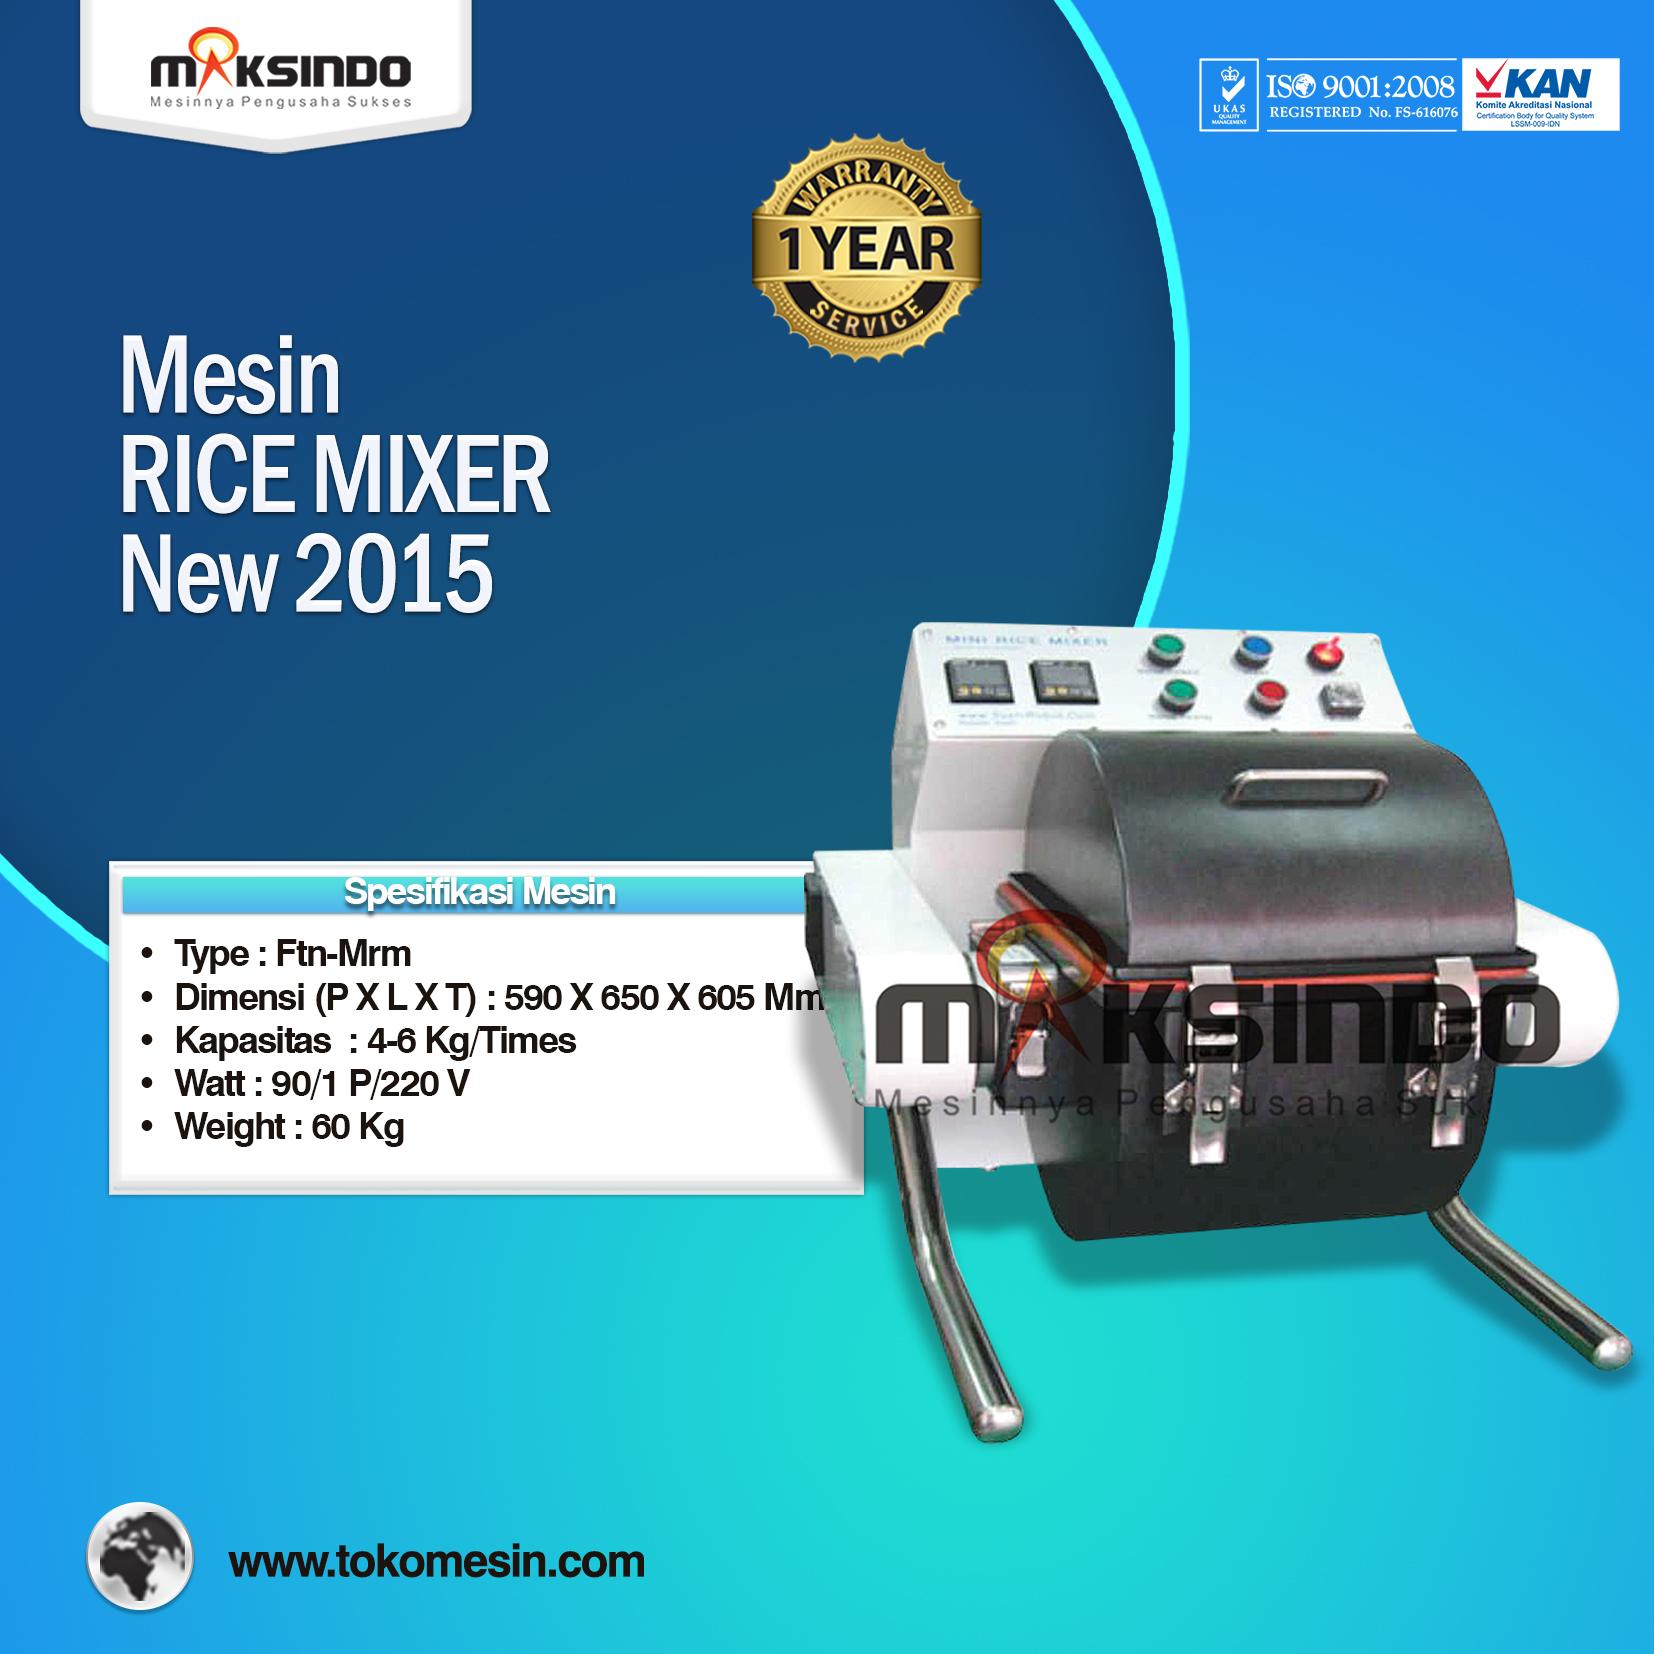 Mesin RICE MIXER New 2015